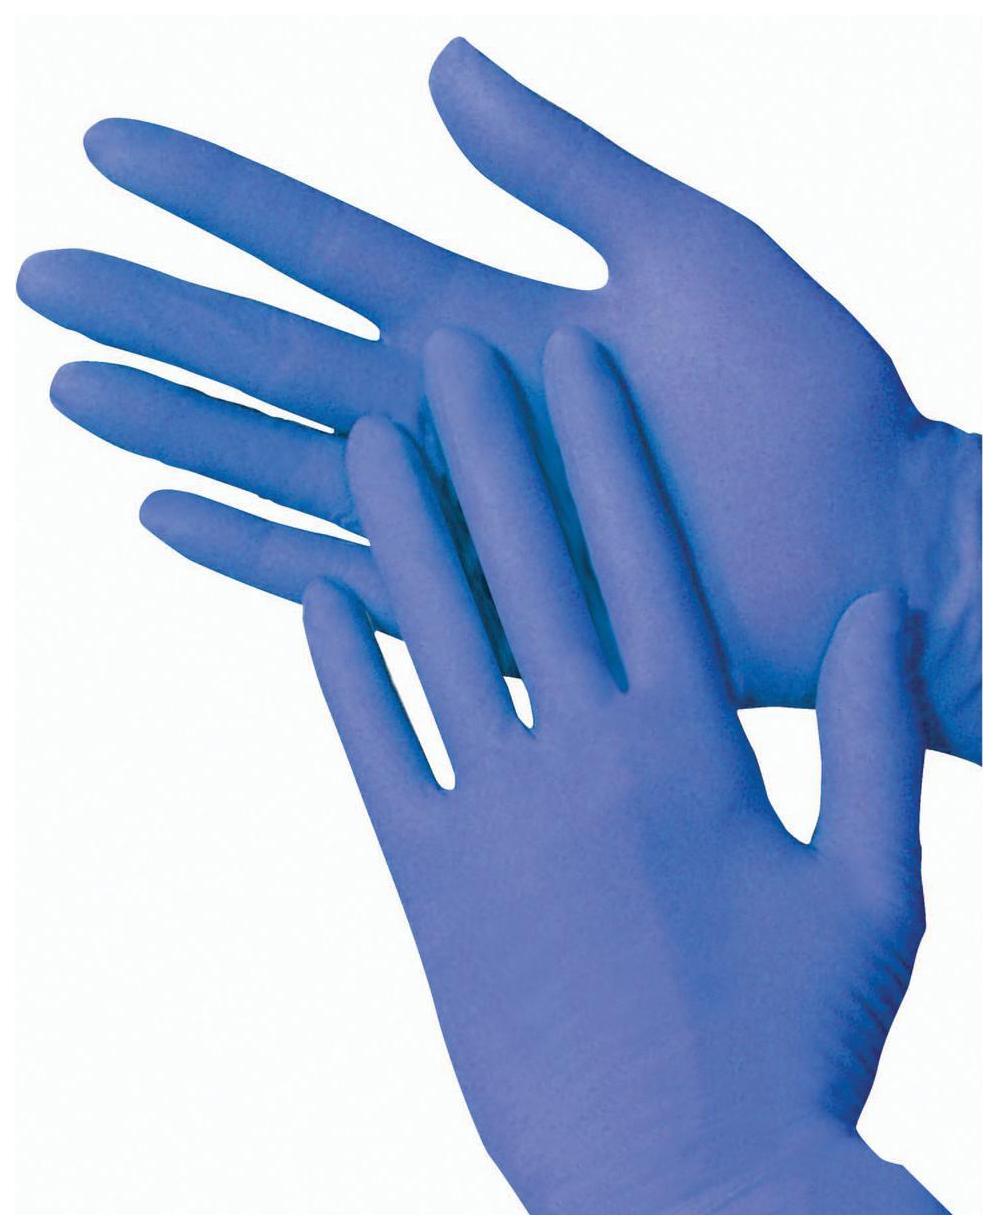 Перчатки латексные Glov professional максимальной плотности 1 пара размер М